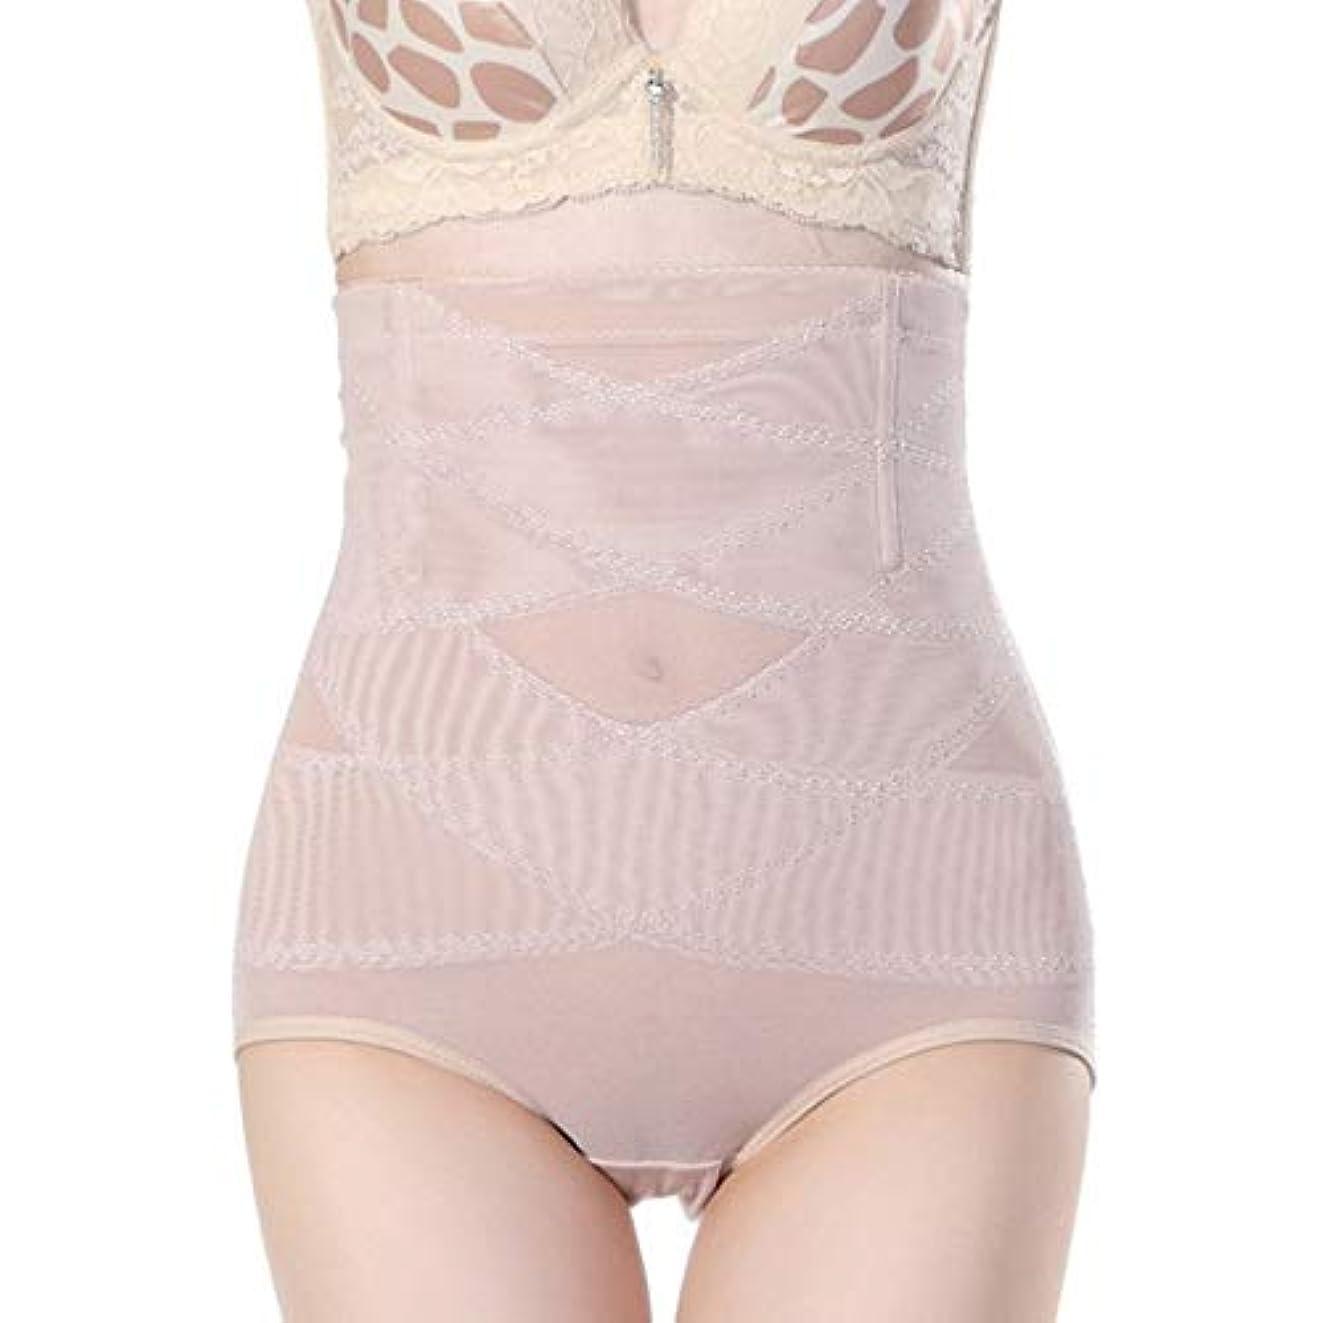 ウナギグレートオーク値下げ腹部制御下着シームレスおなかコントロールパンティーバットリフターボディシェイパーを痩身通気性のハイウエストの女性 - 肌色L